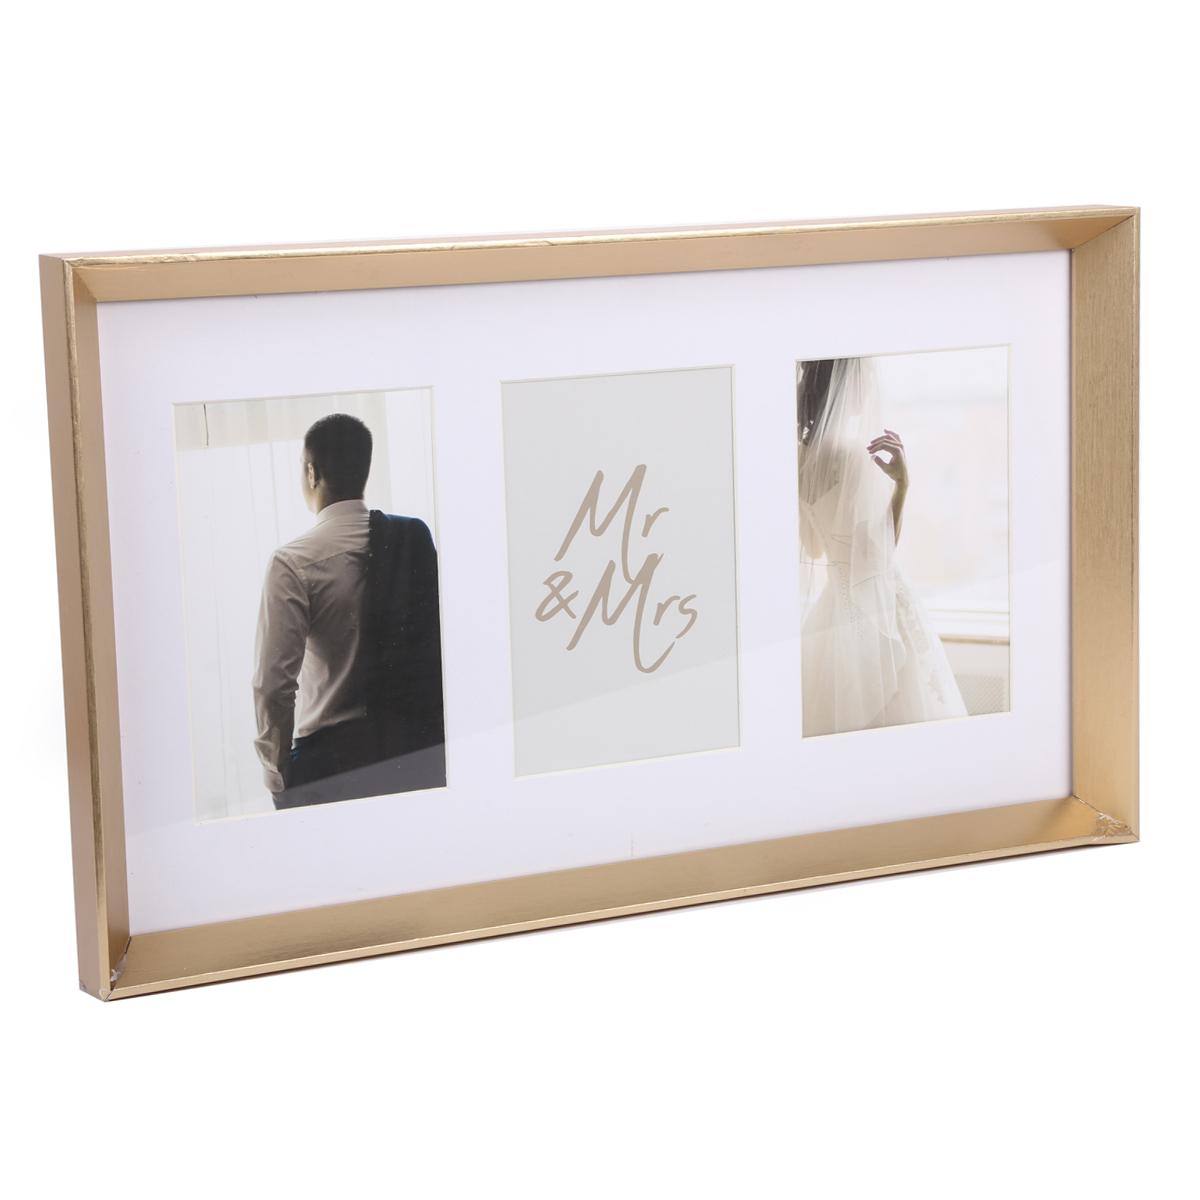 Cadre photo pêle-mêle bois \'Mr & Mrs\' doré - 3 photos 10x15 cm - [A2923]